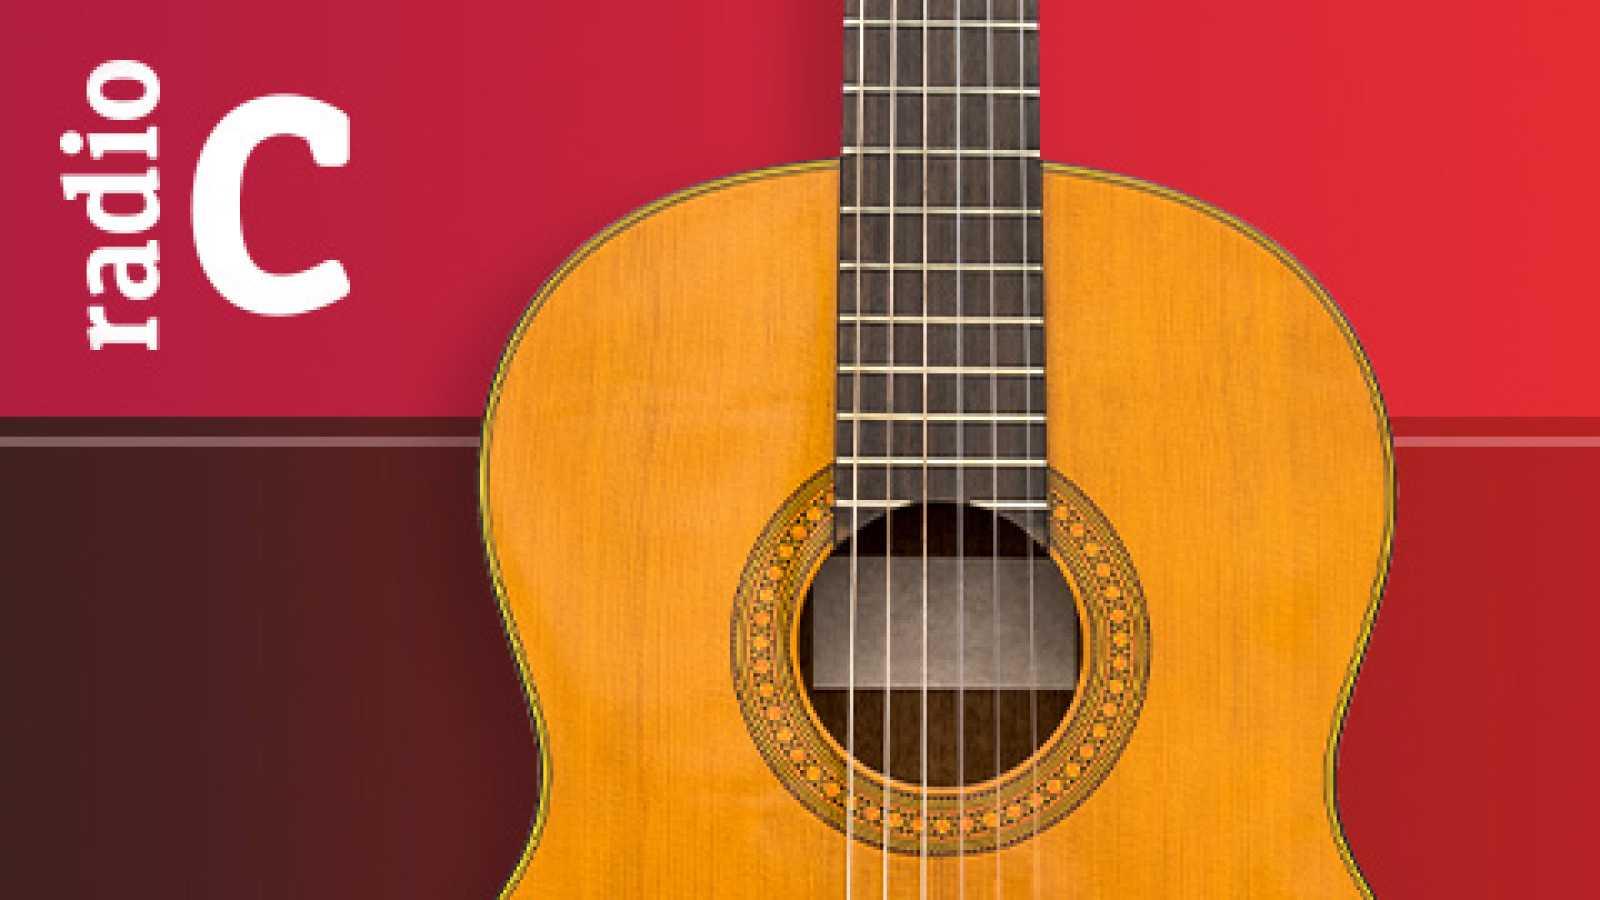 La guitarra - Miguel Llobet, en el 140 aniversario de su nacimiento (I) - 14/10/18 - escuchar ahora